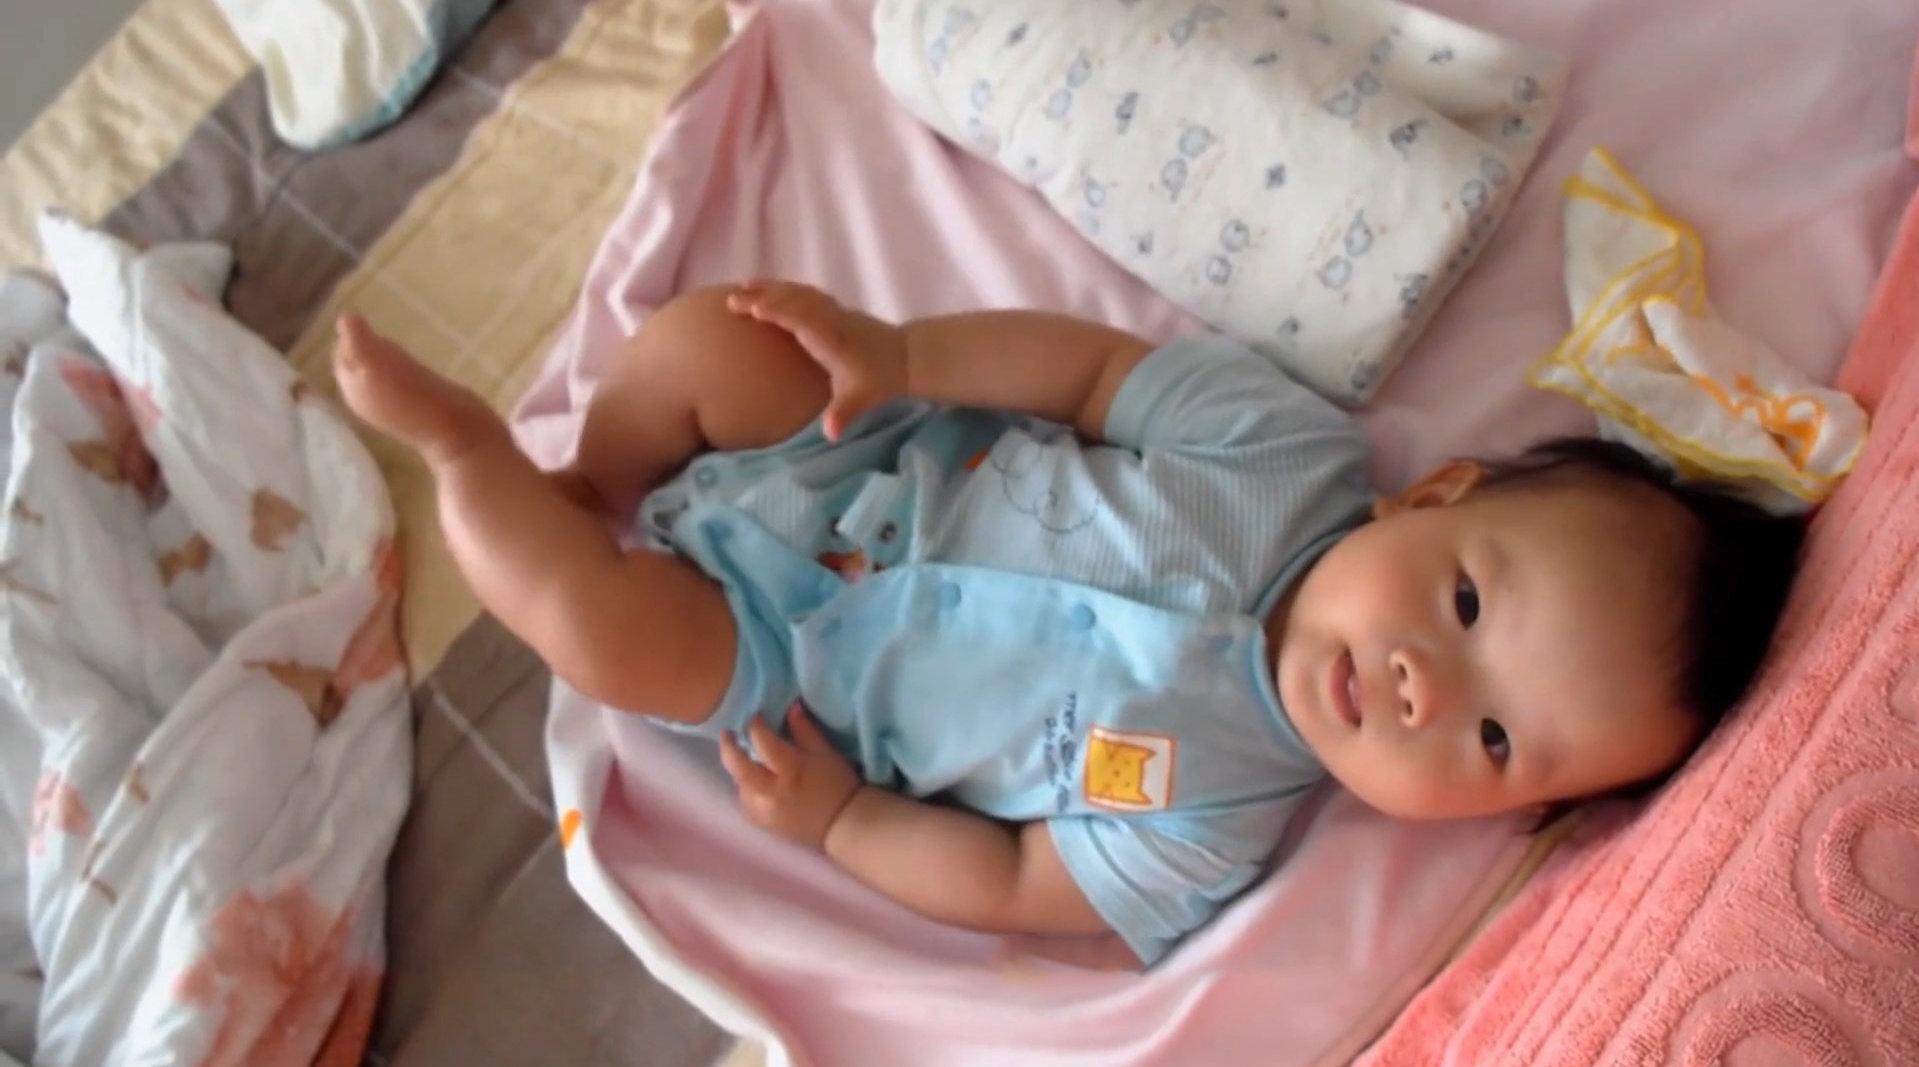 10个月大的宝宝拉肚子死亡,秋季腹泻别不当回事儿